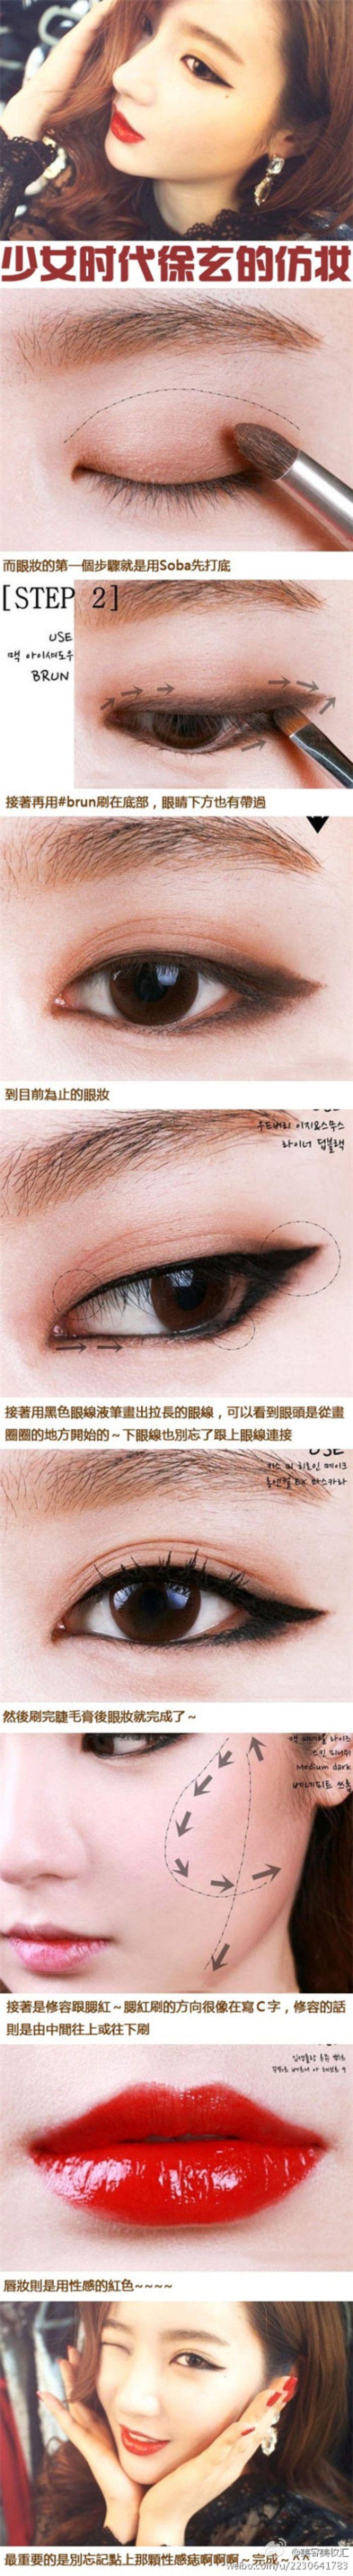 asian makeup tutorial                                                                                                                                                     Más